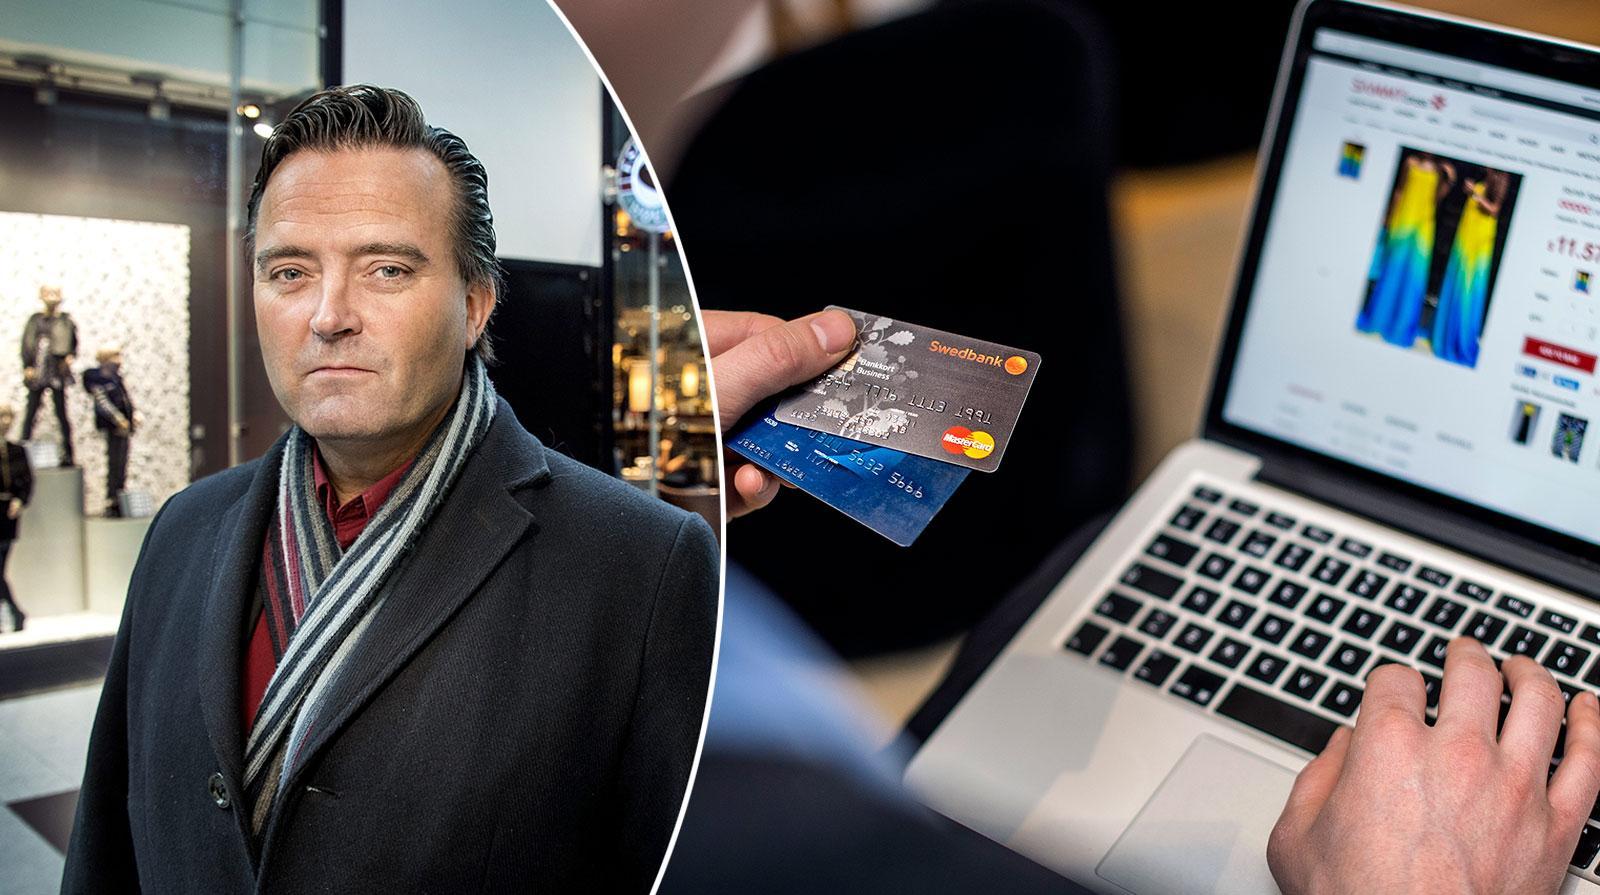 Polisens Jan Olsson erfar: Kan förhindra framtida bedrägerier.